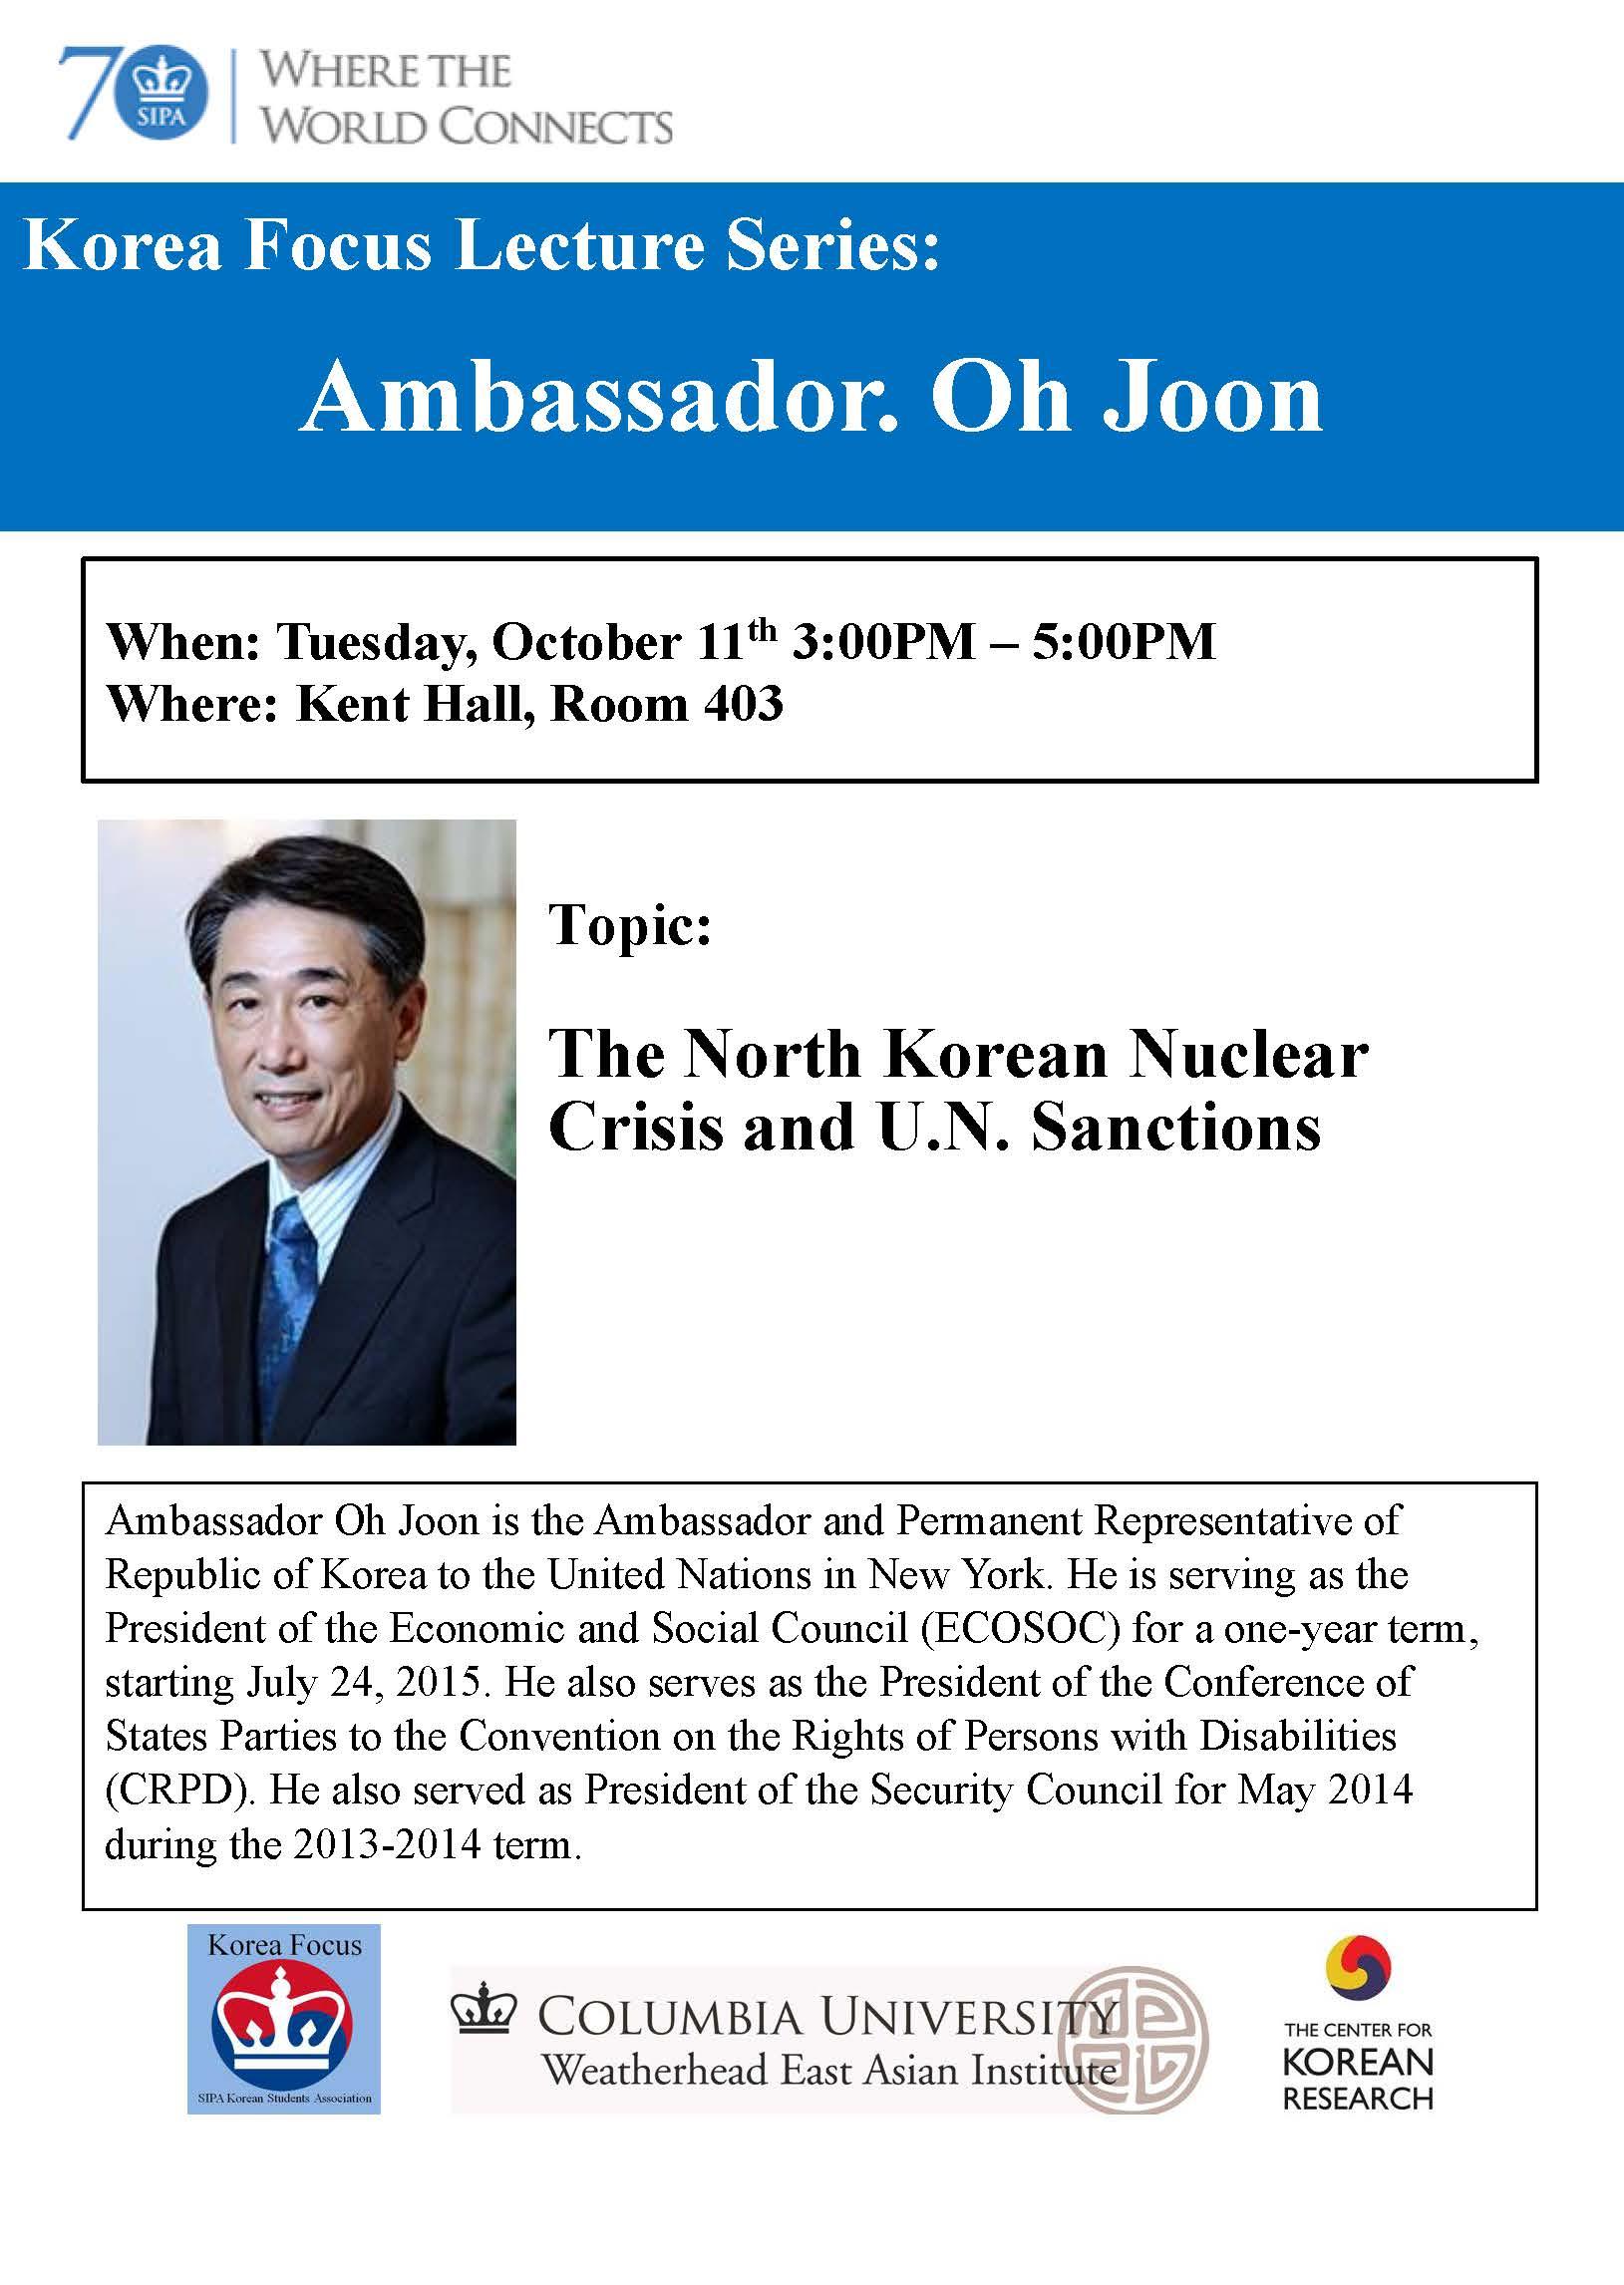 kf-ambassador-oh-event-flyer